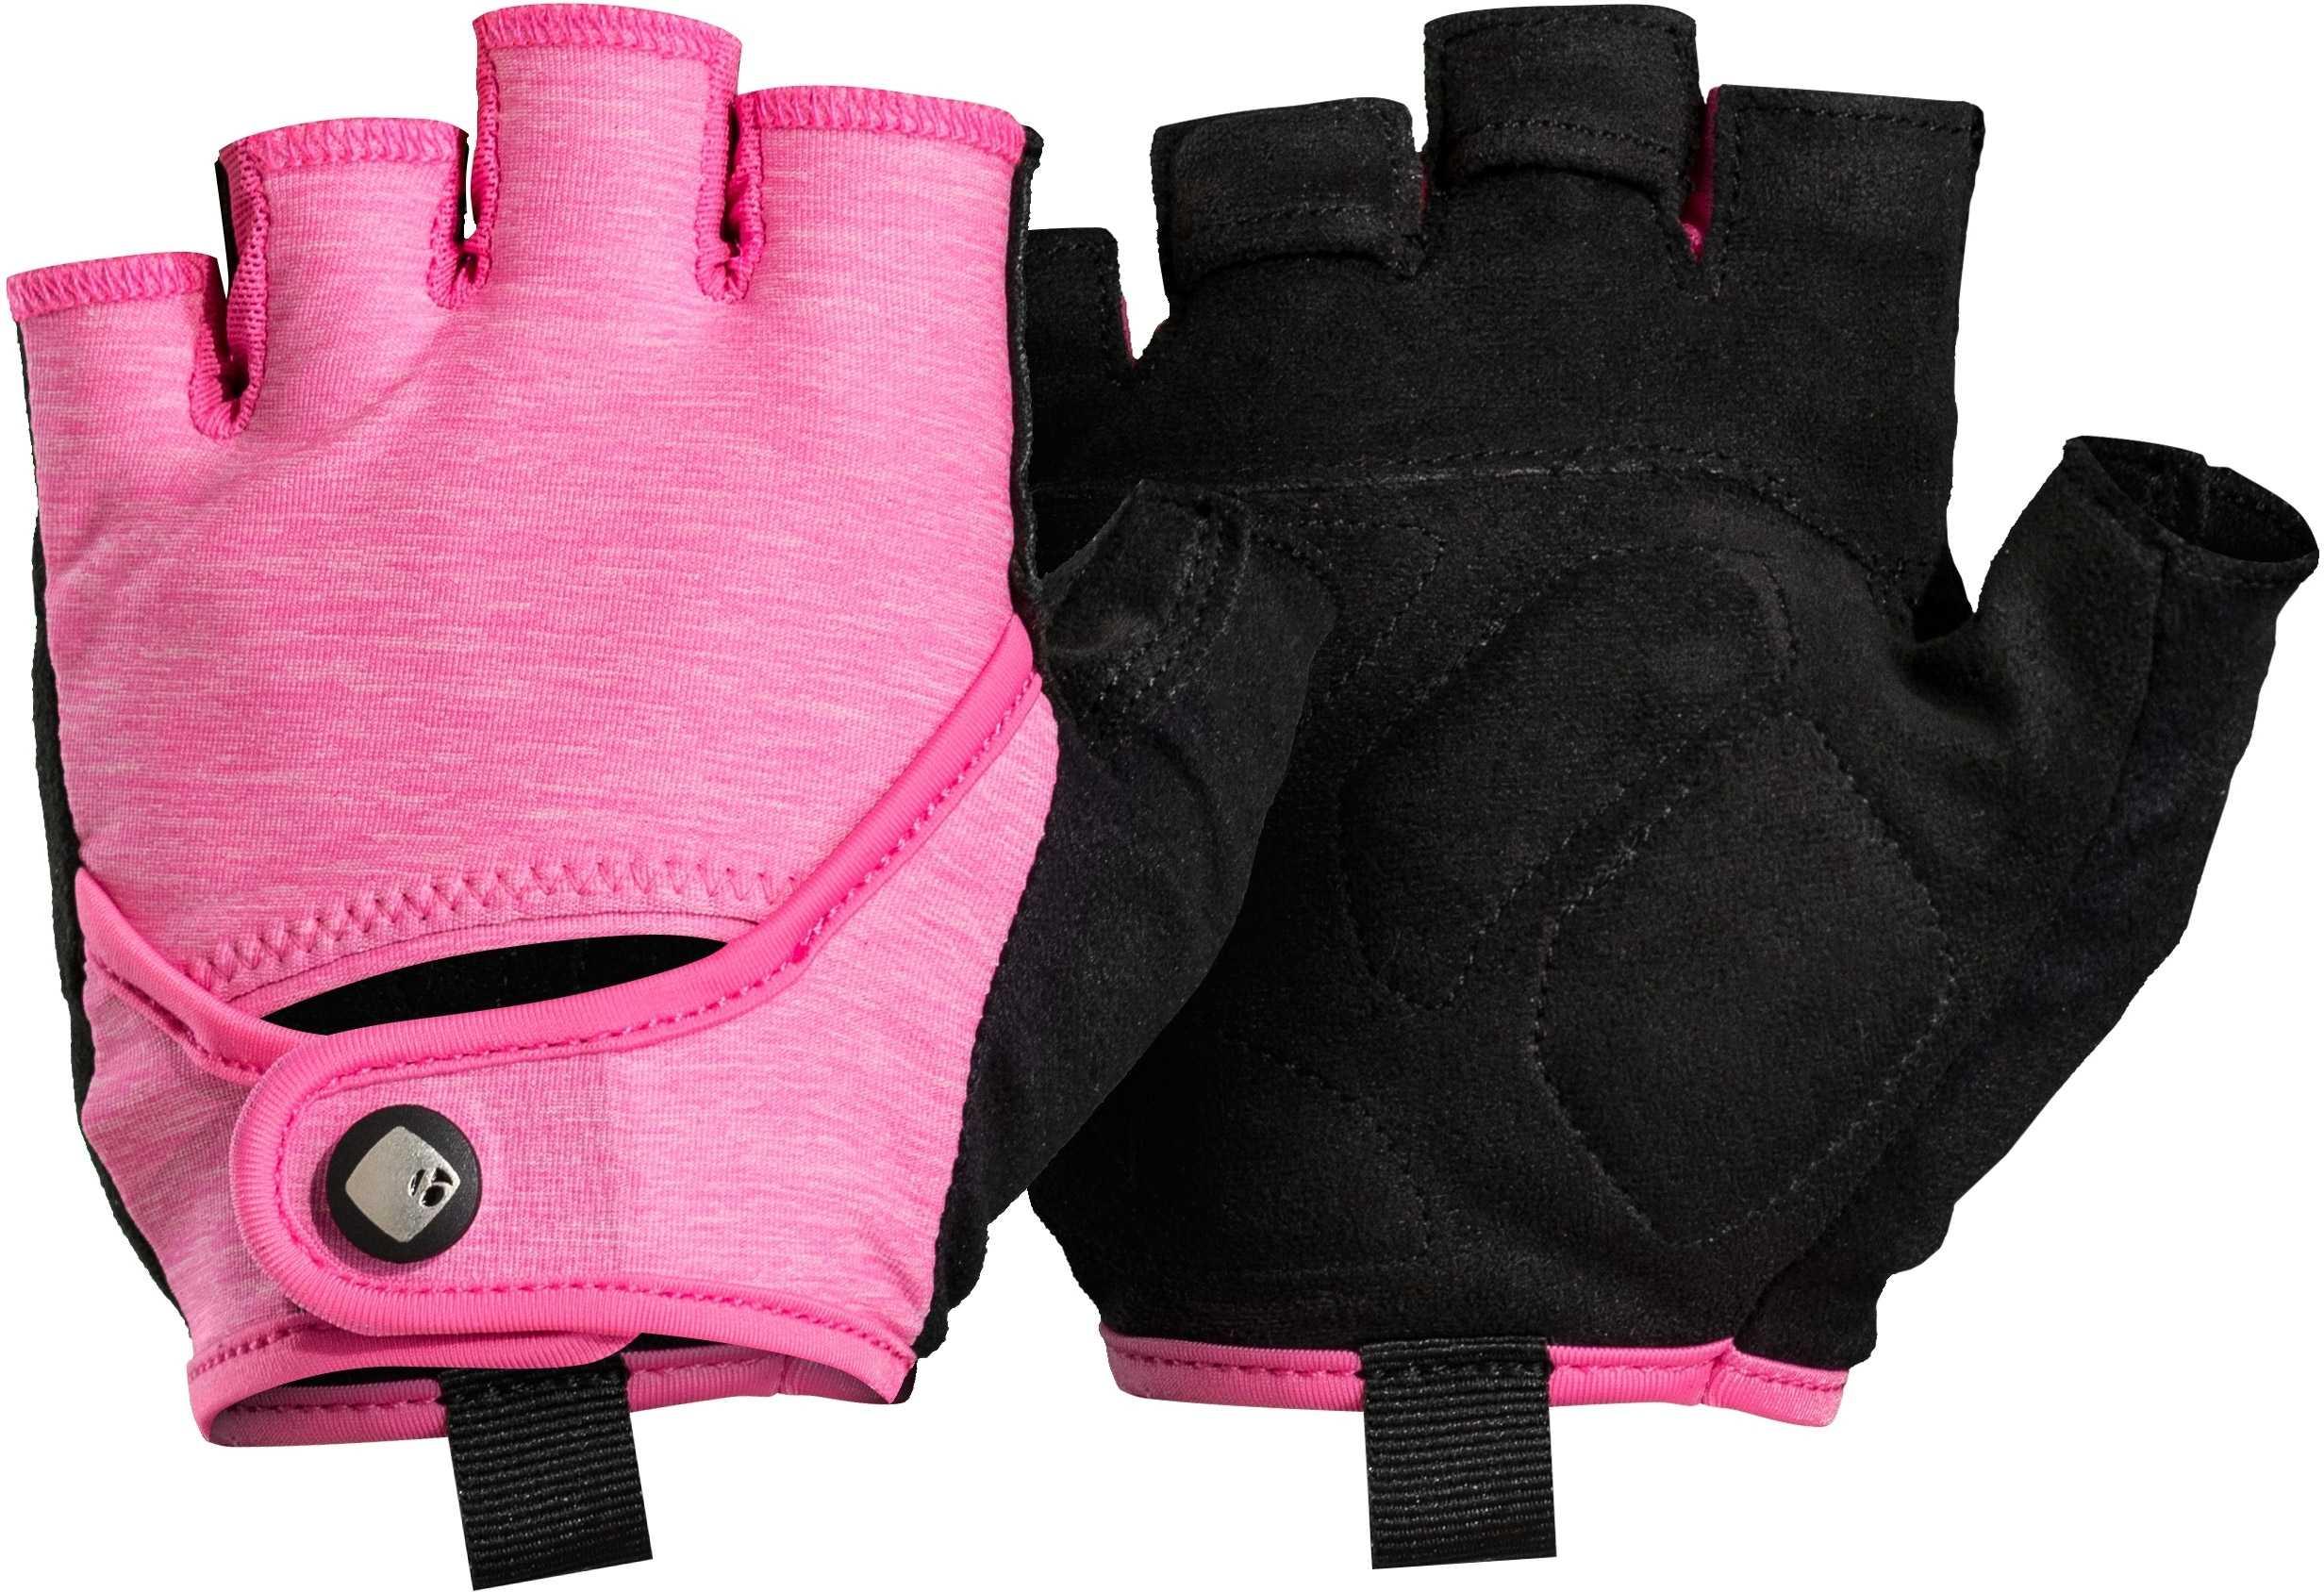 HANDSKER BONTRAGER VELLA dame ROSA   Gloves